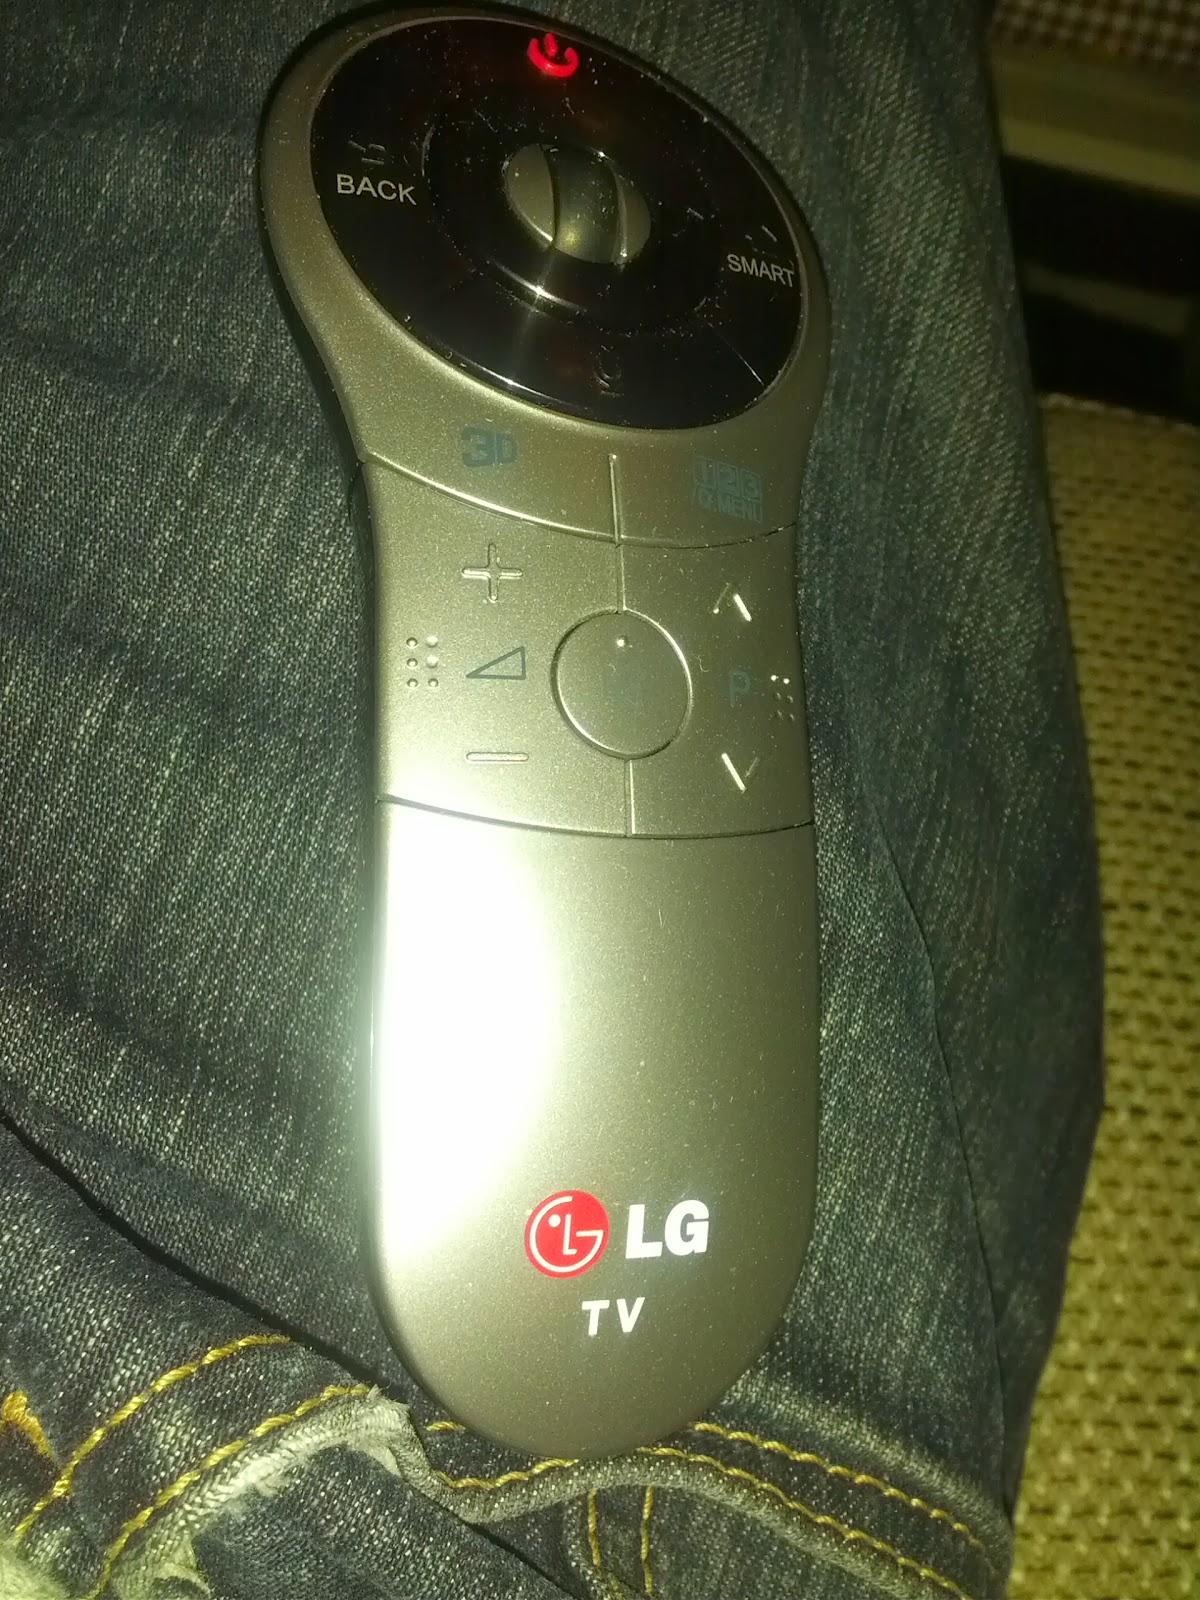 LG 42LA660S magic remote